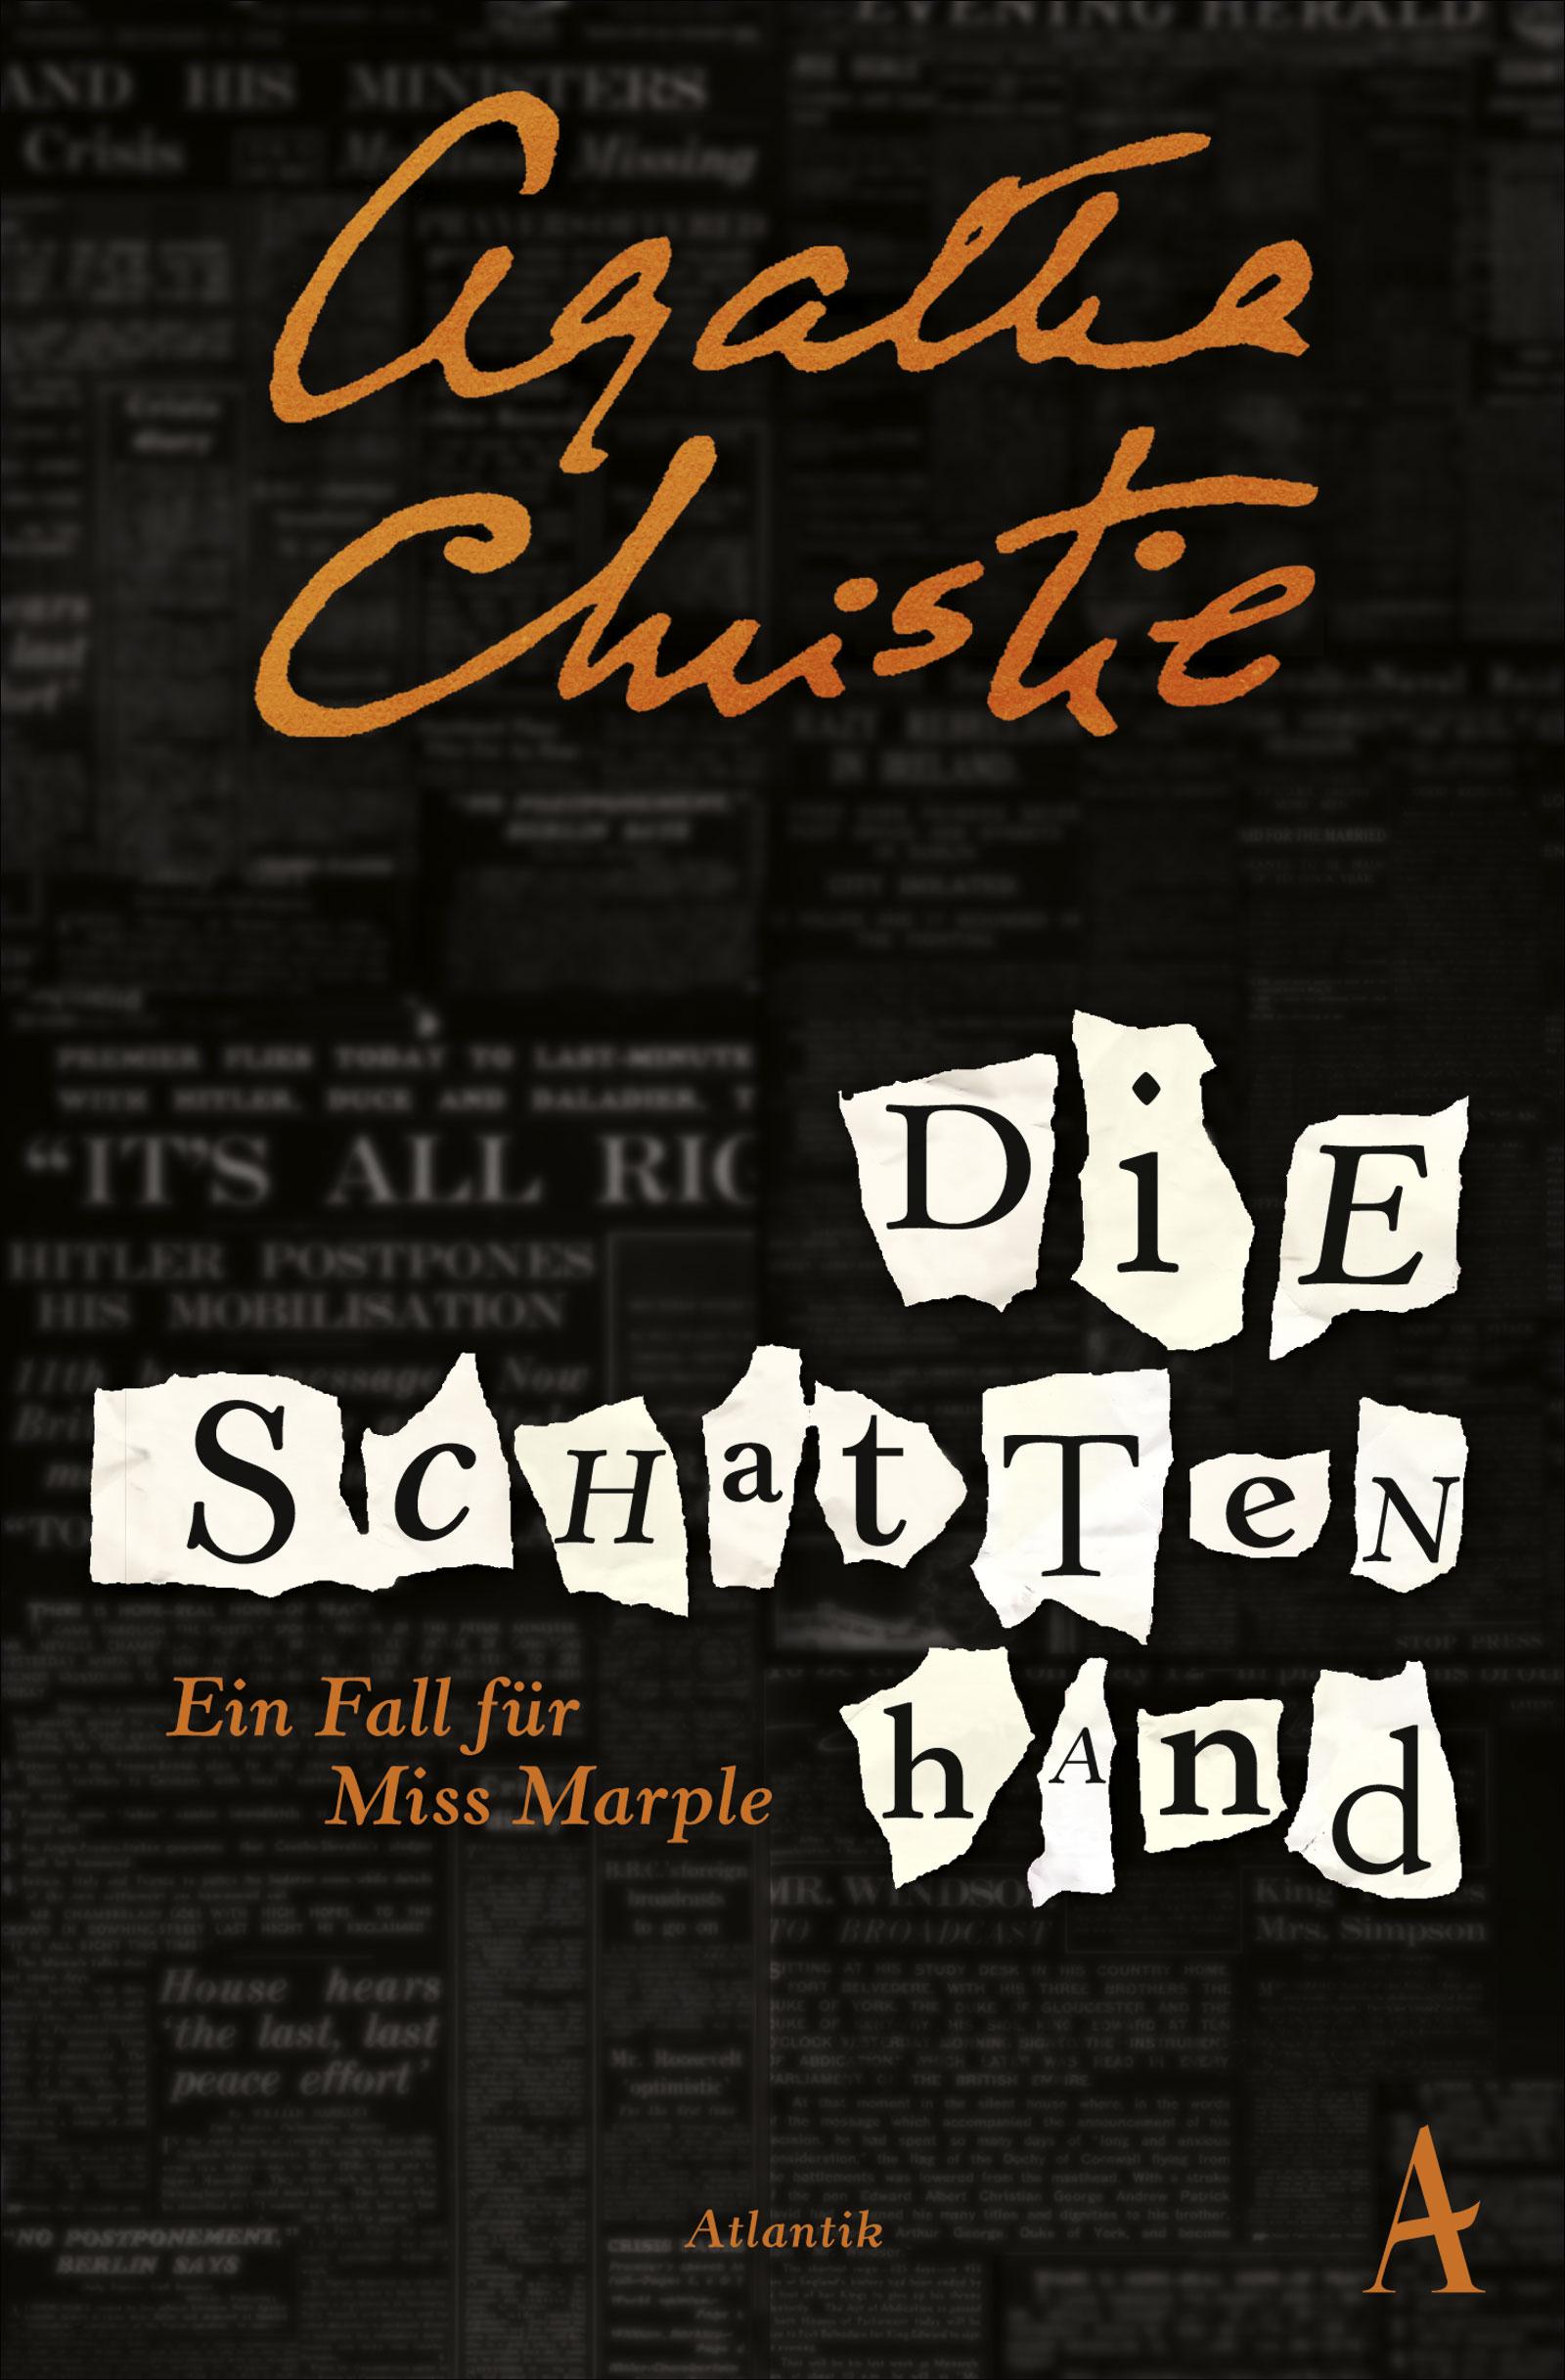 Die Schattenhand: Ein Fall für Miss Marple - Christie, Agatha